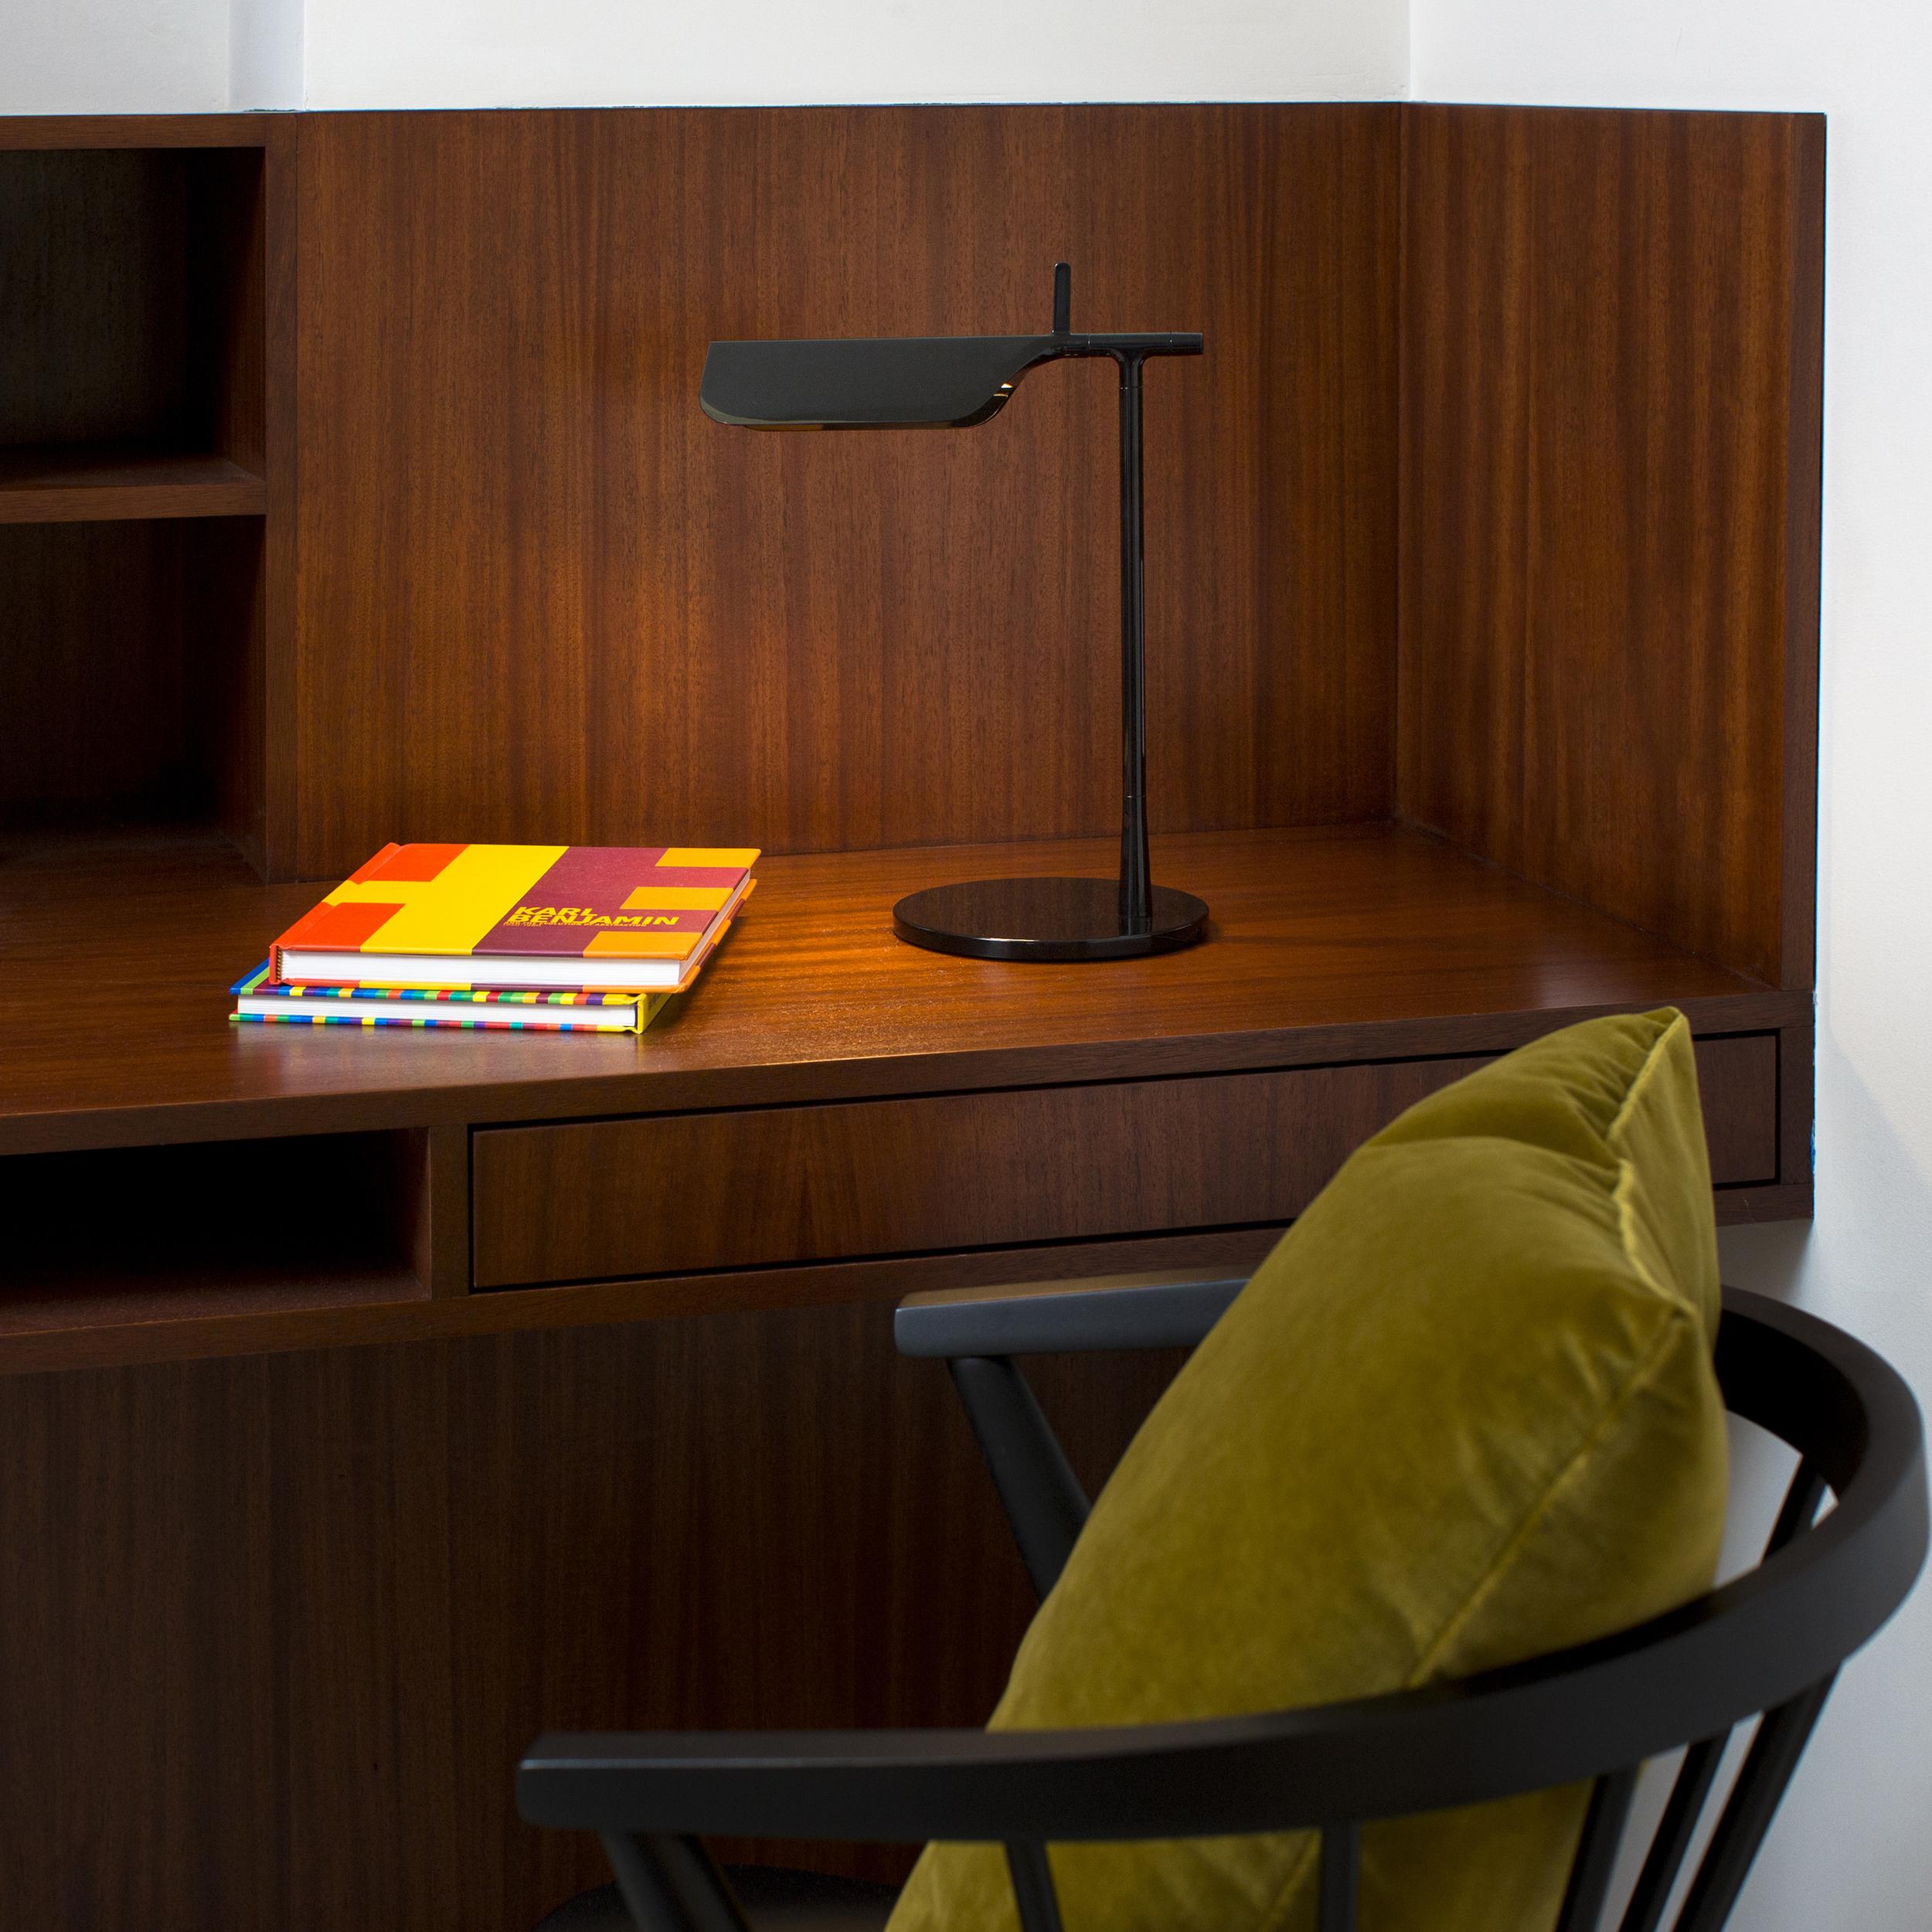 Dwell_Desk.jpg